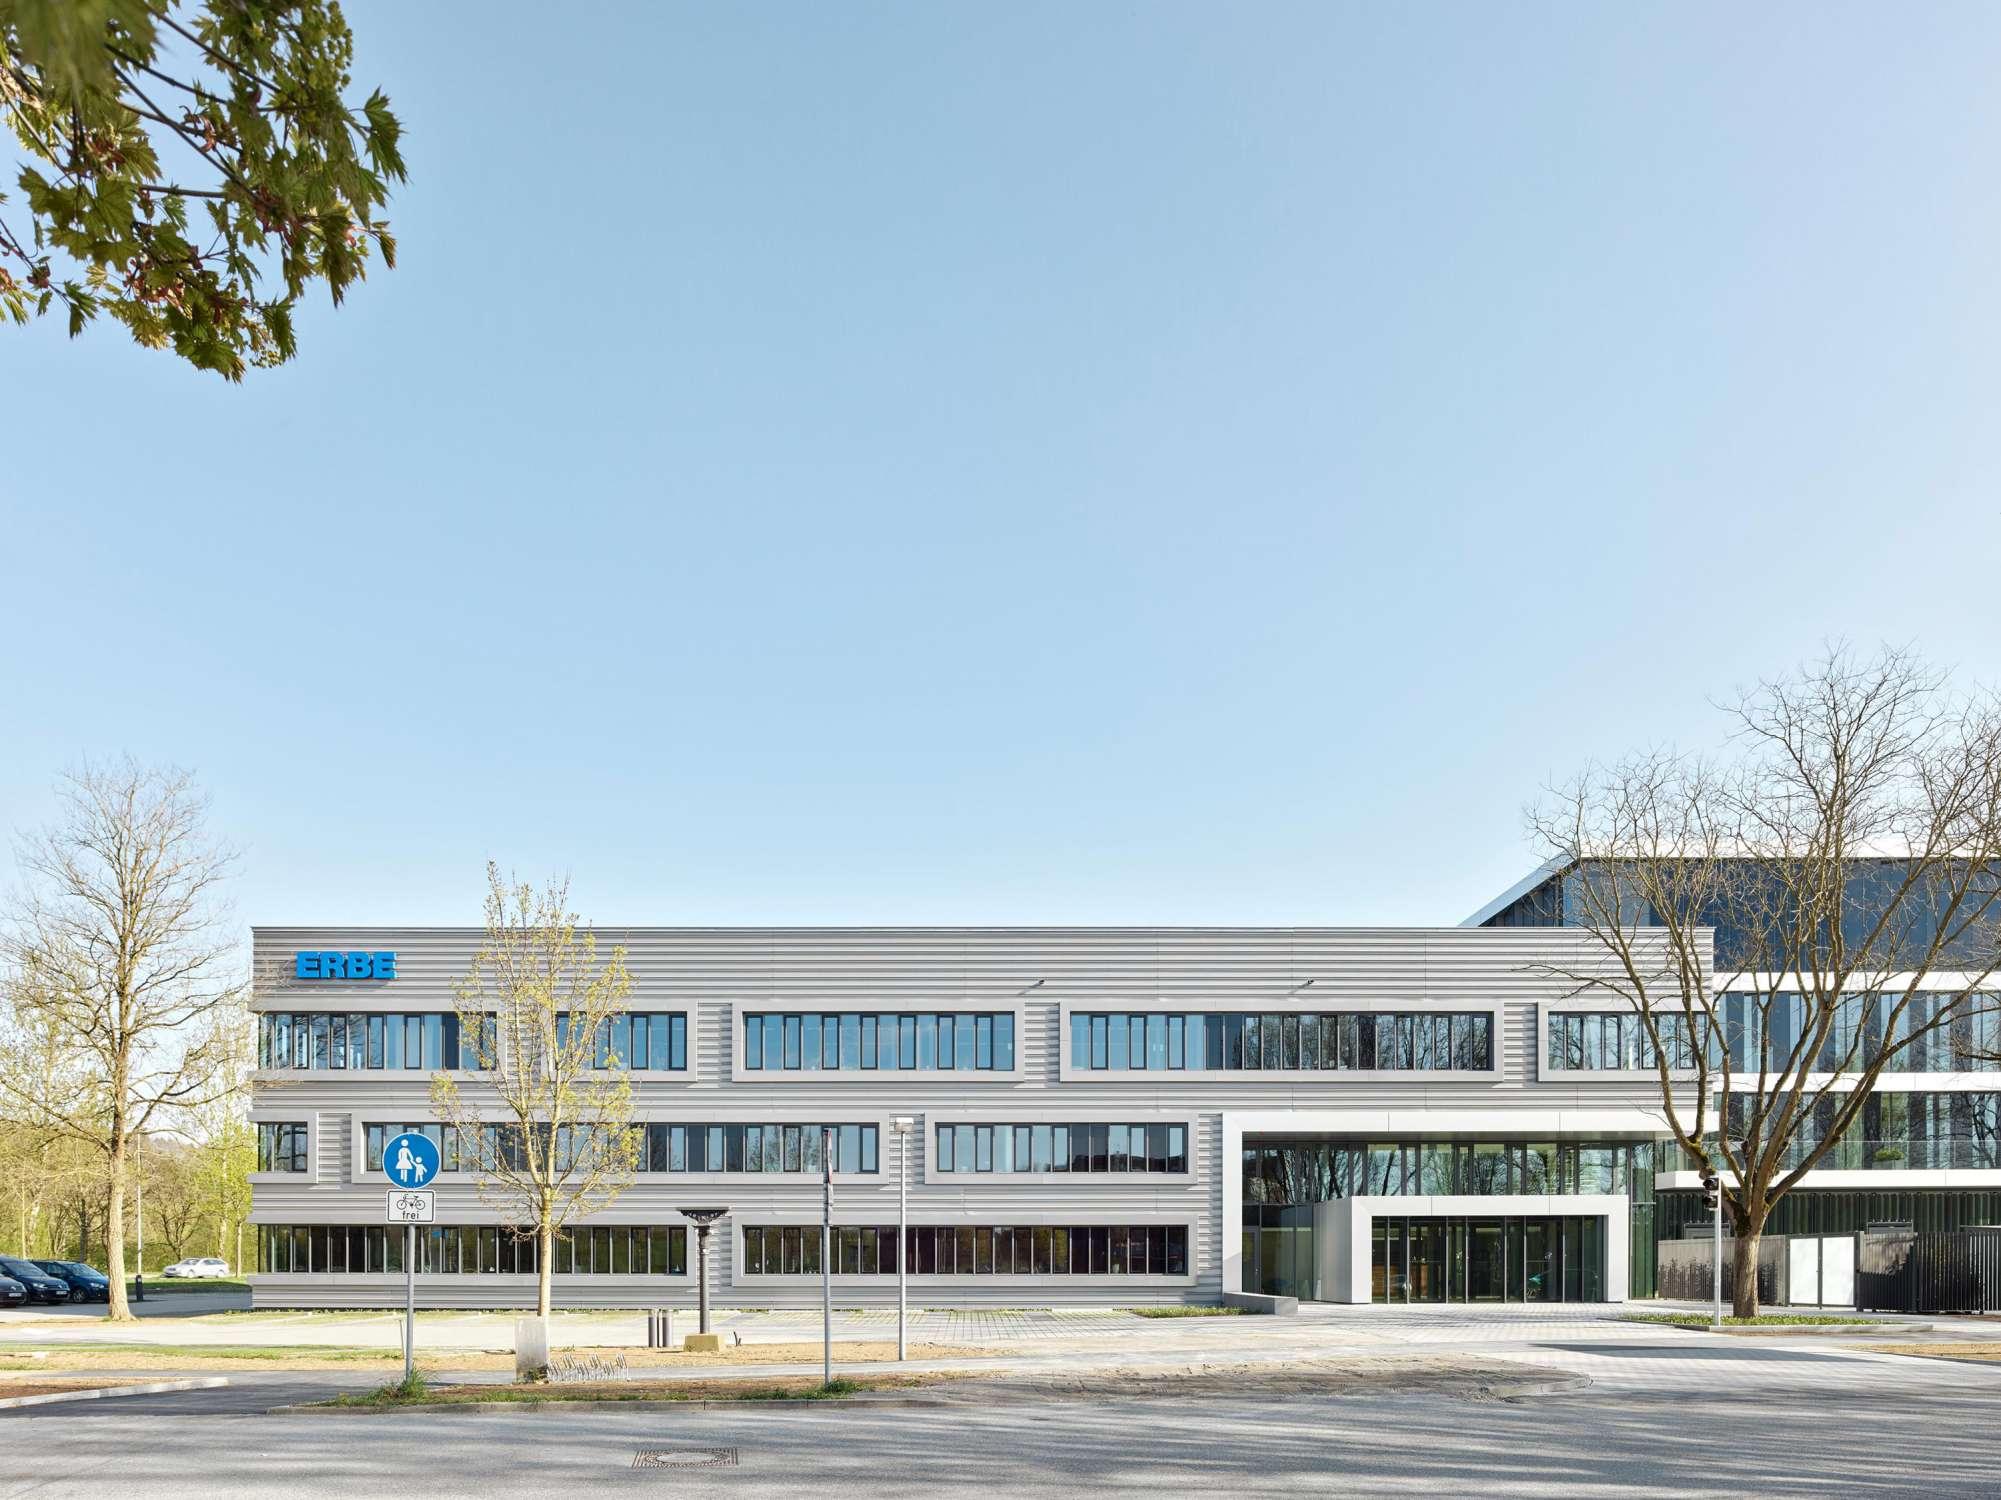 Umbau und energetische Sanierung Verwaltungsgebäude (16)